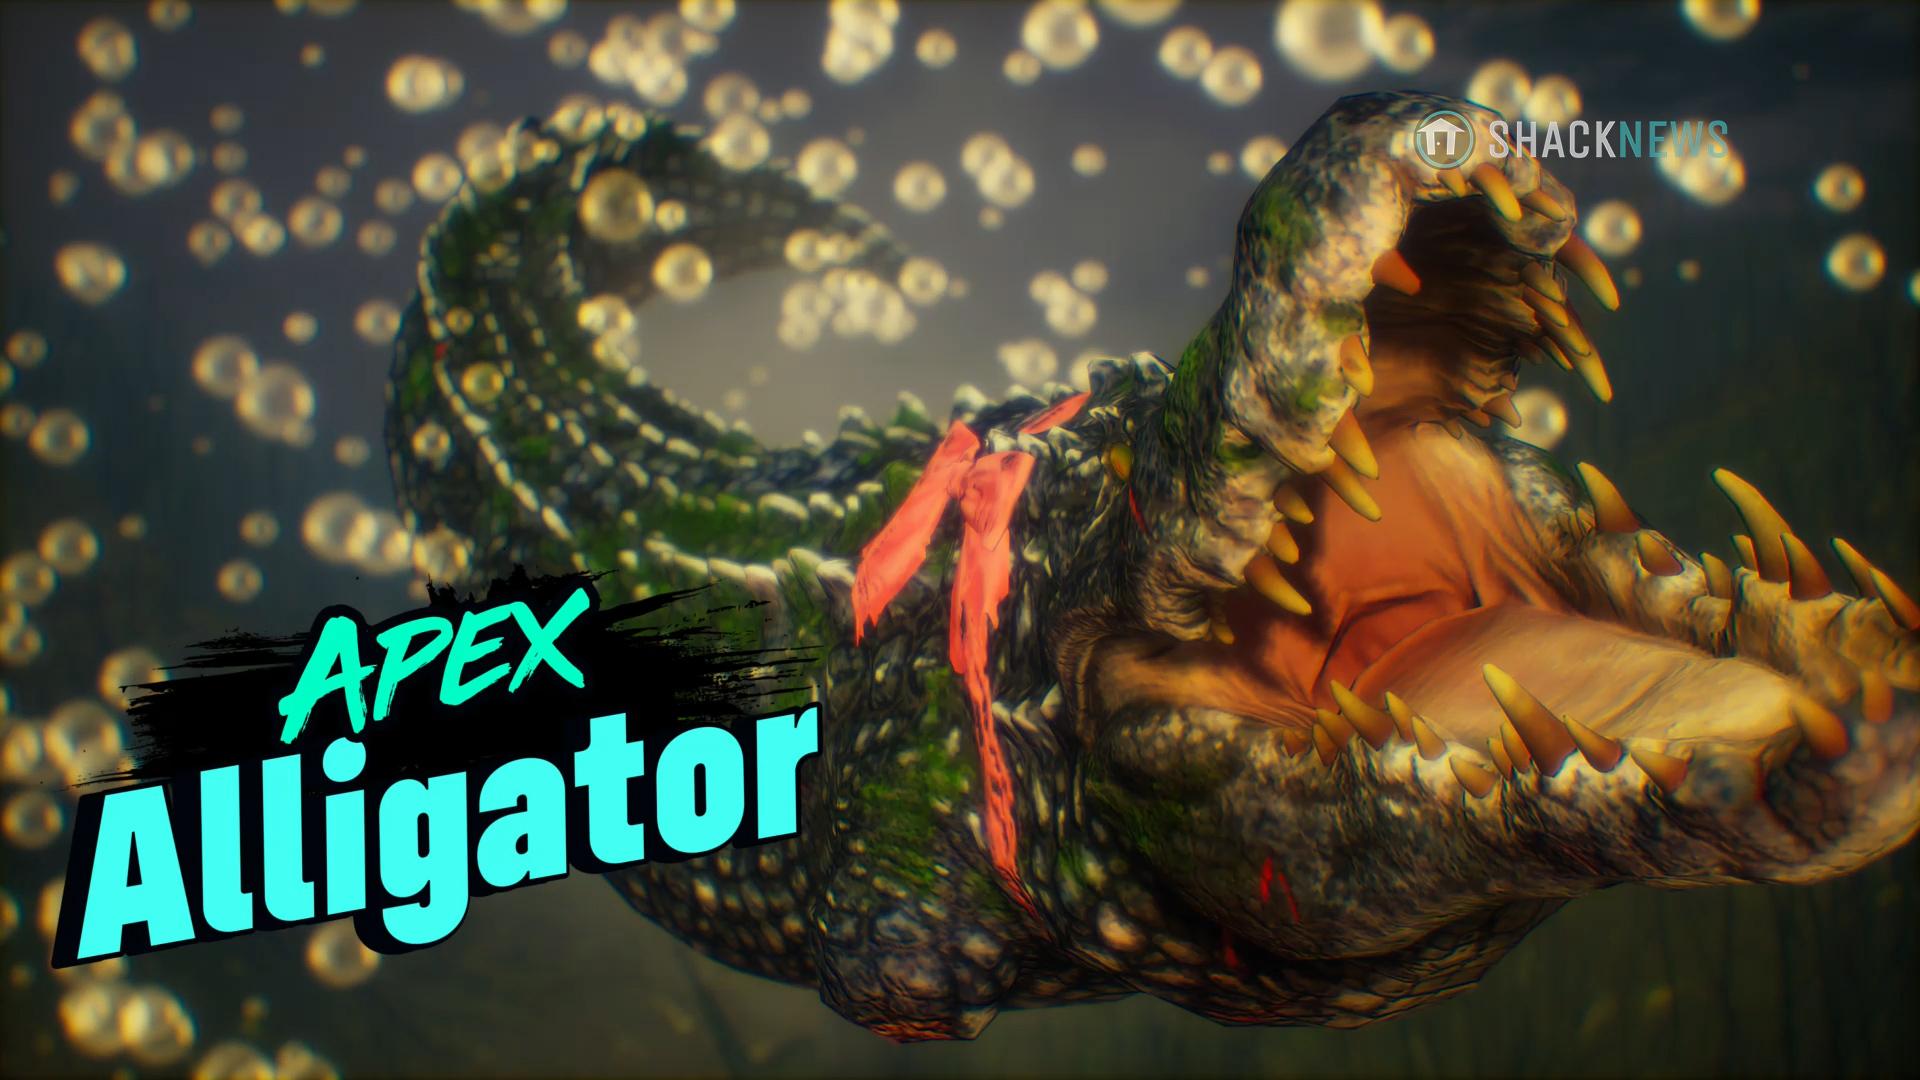 maneater apex predator alligator